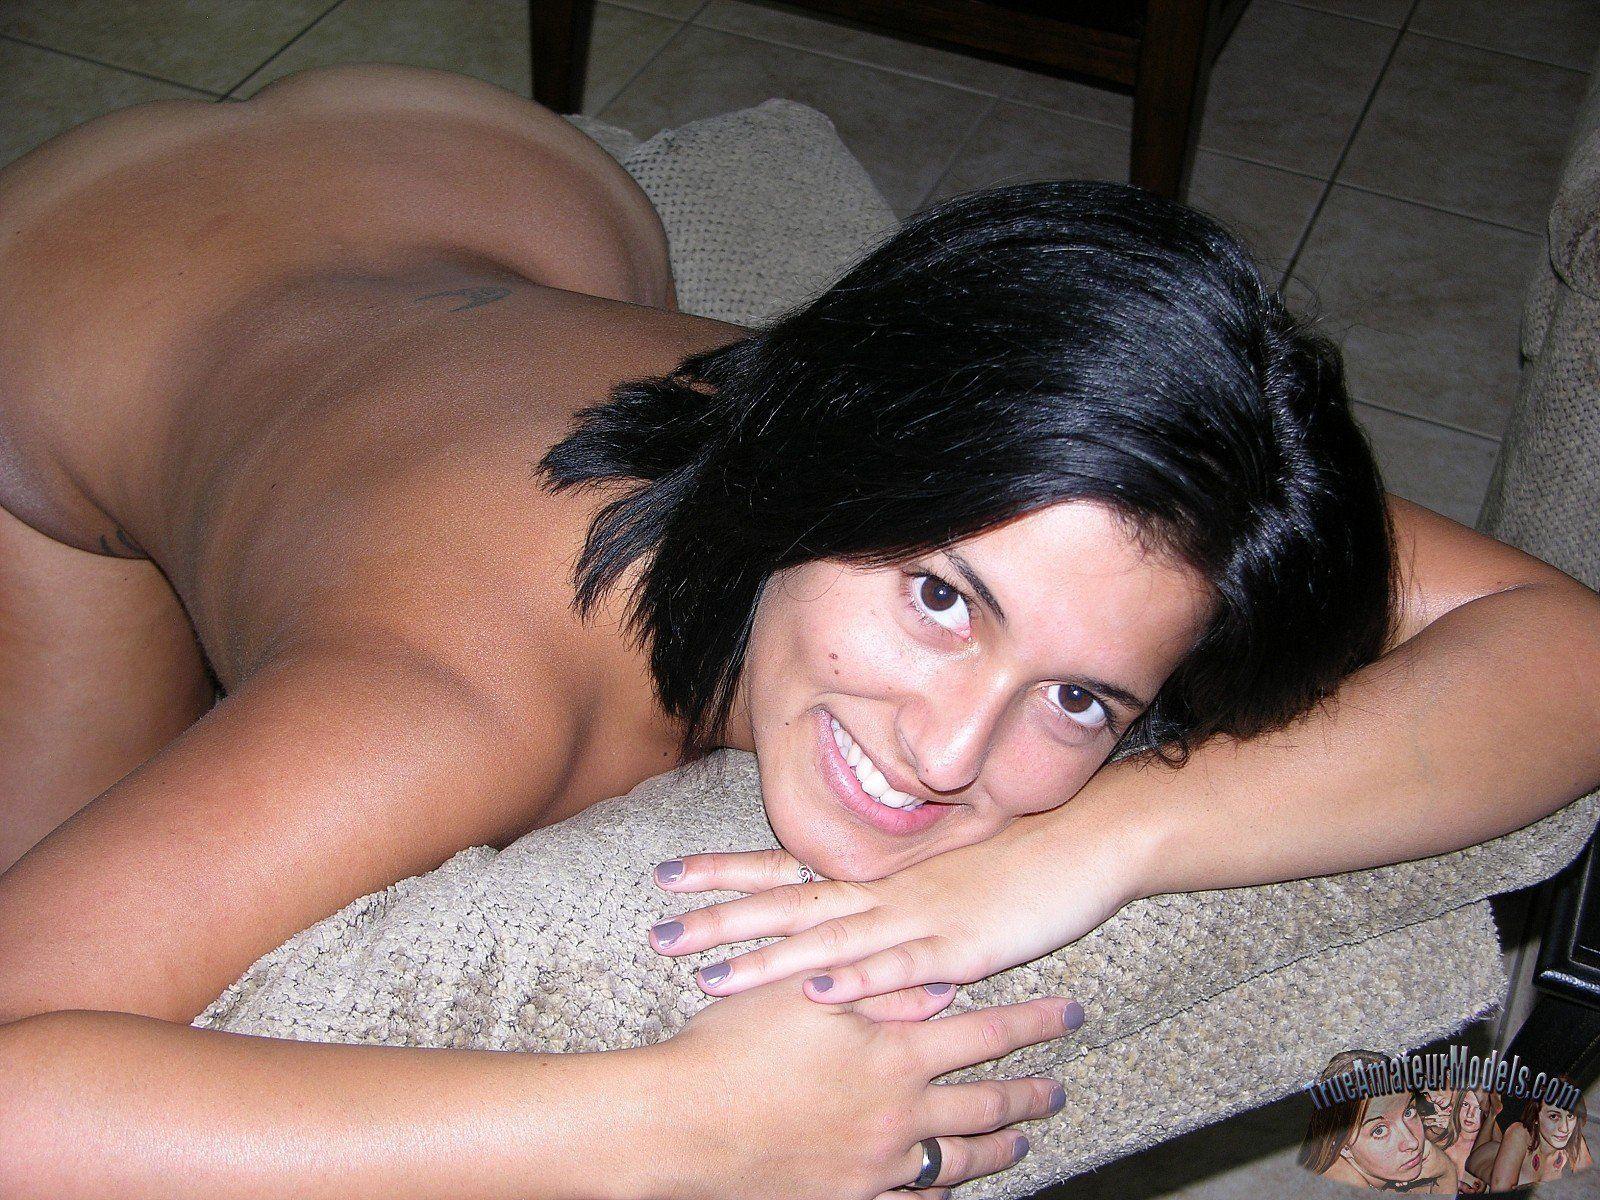 Ashley charm school naked